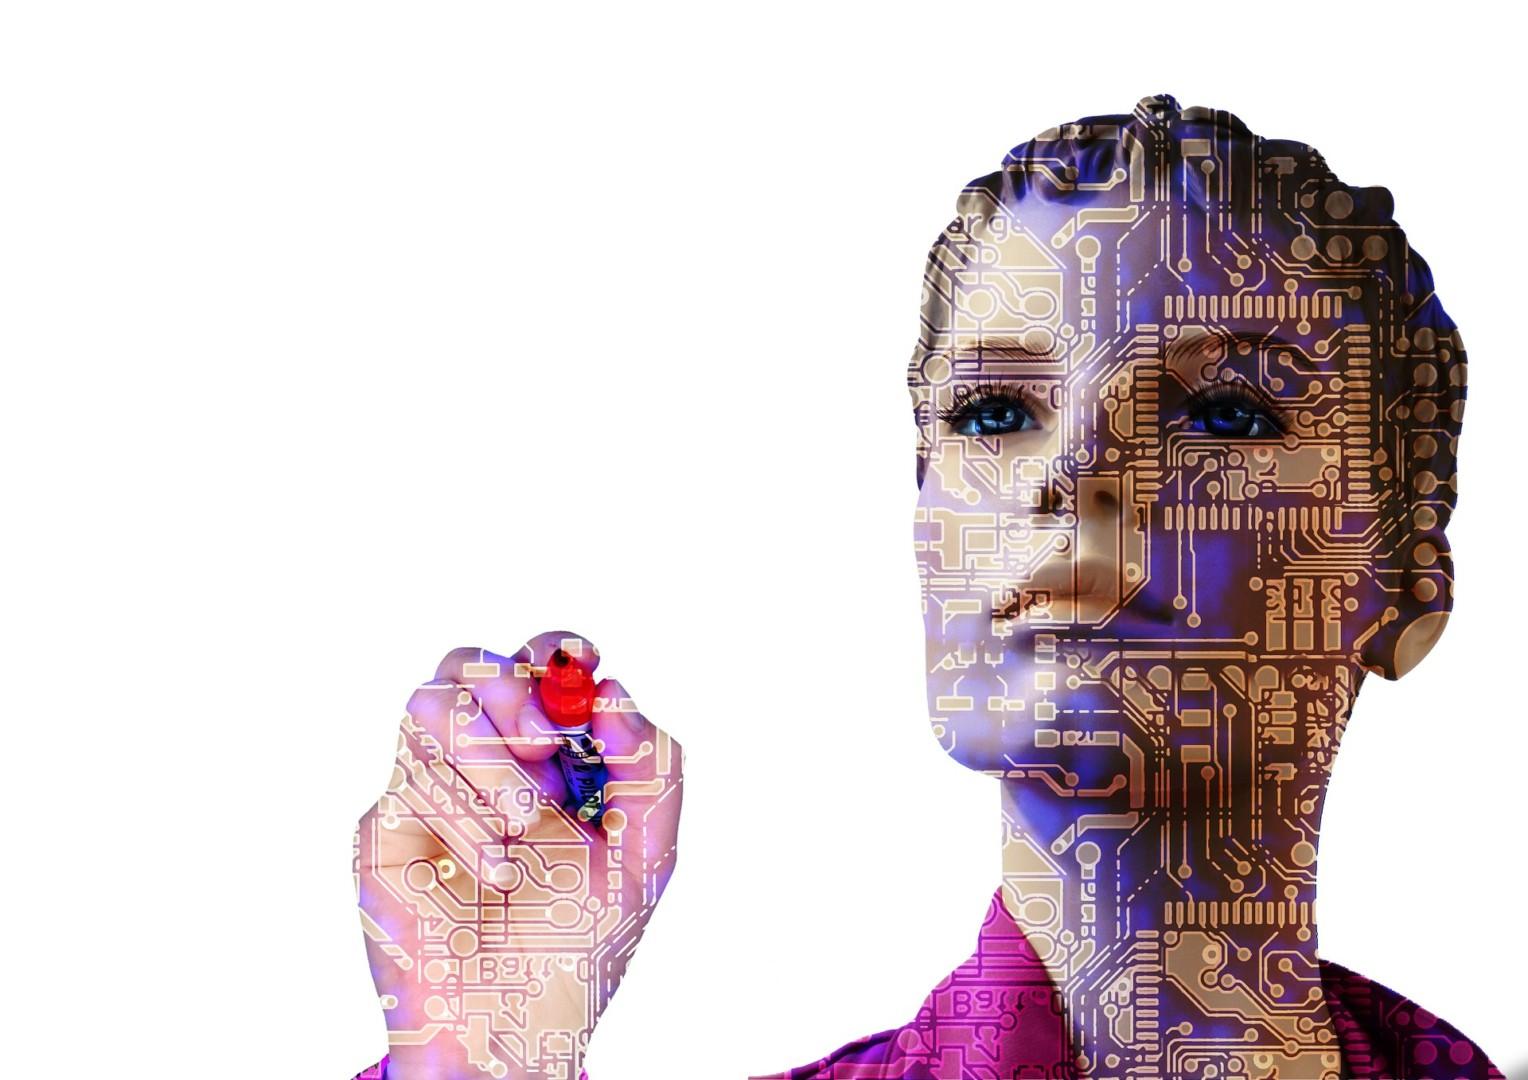 veshtachkata-inteligencija-sega-mozhe-sama-da-gi-pishuva-i-preprava-svoite-kodovi